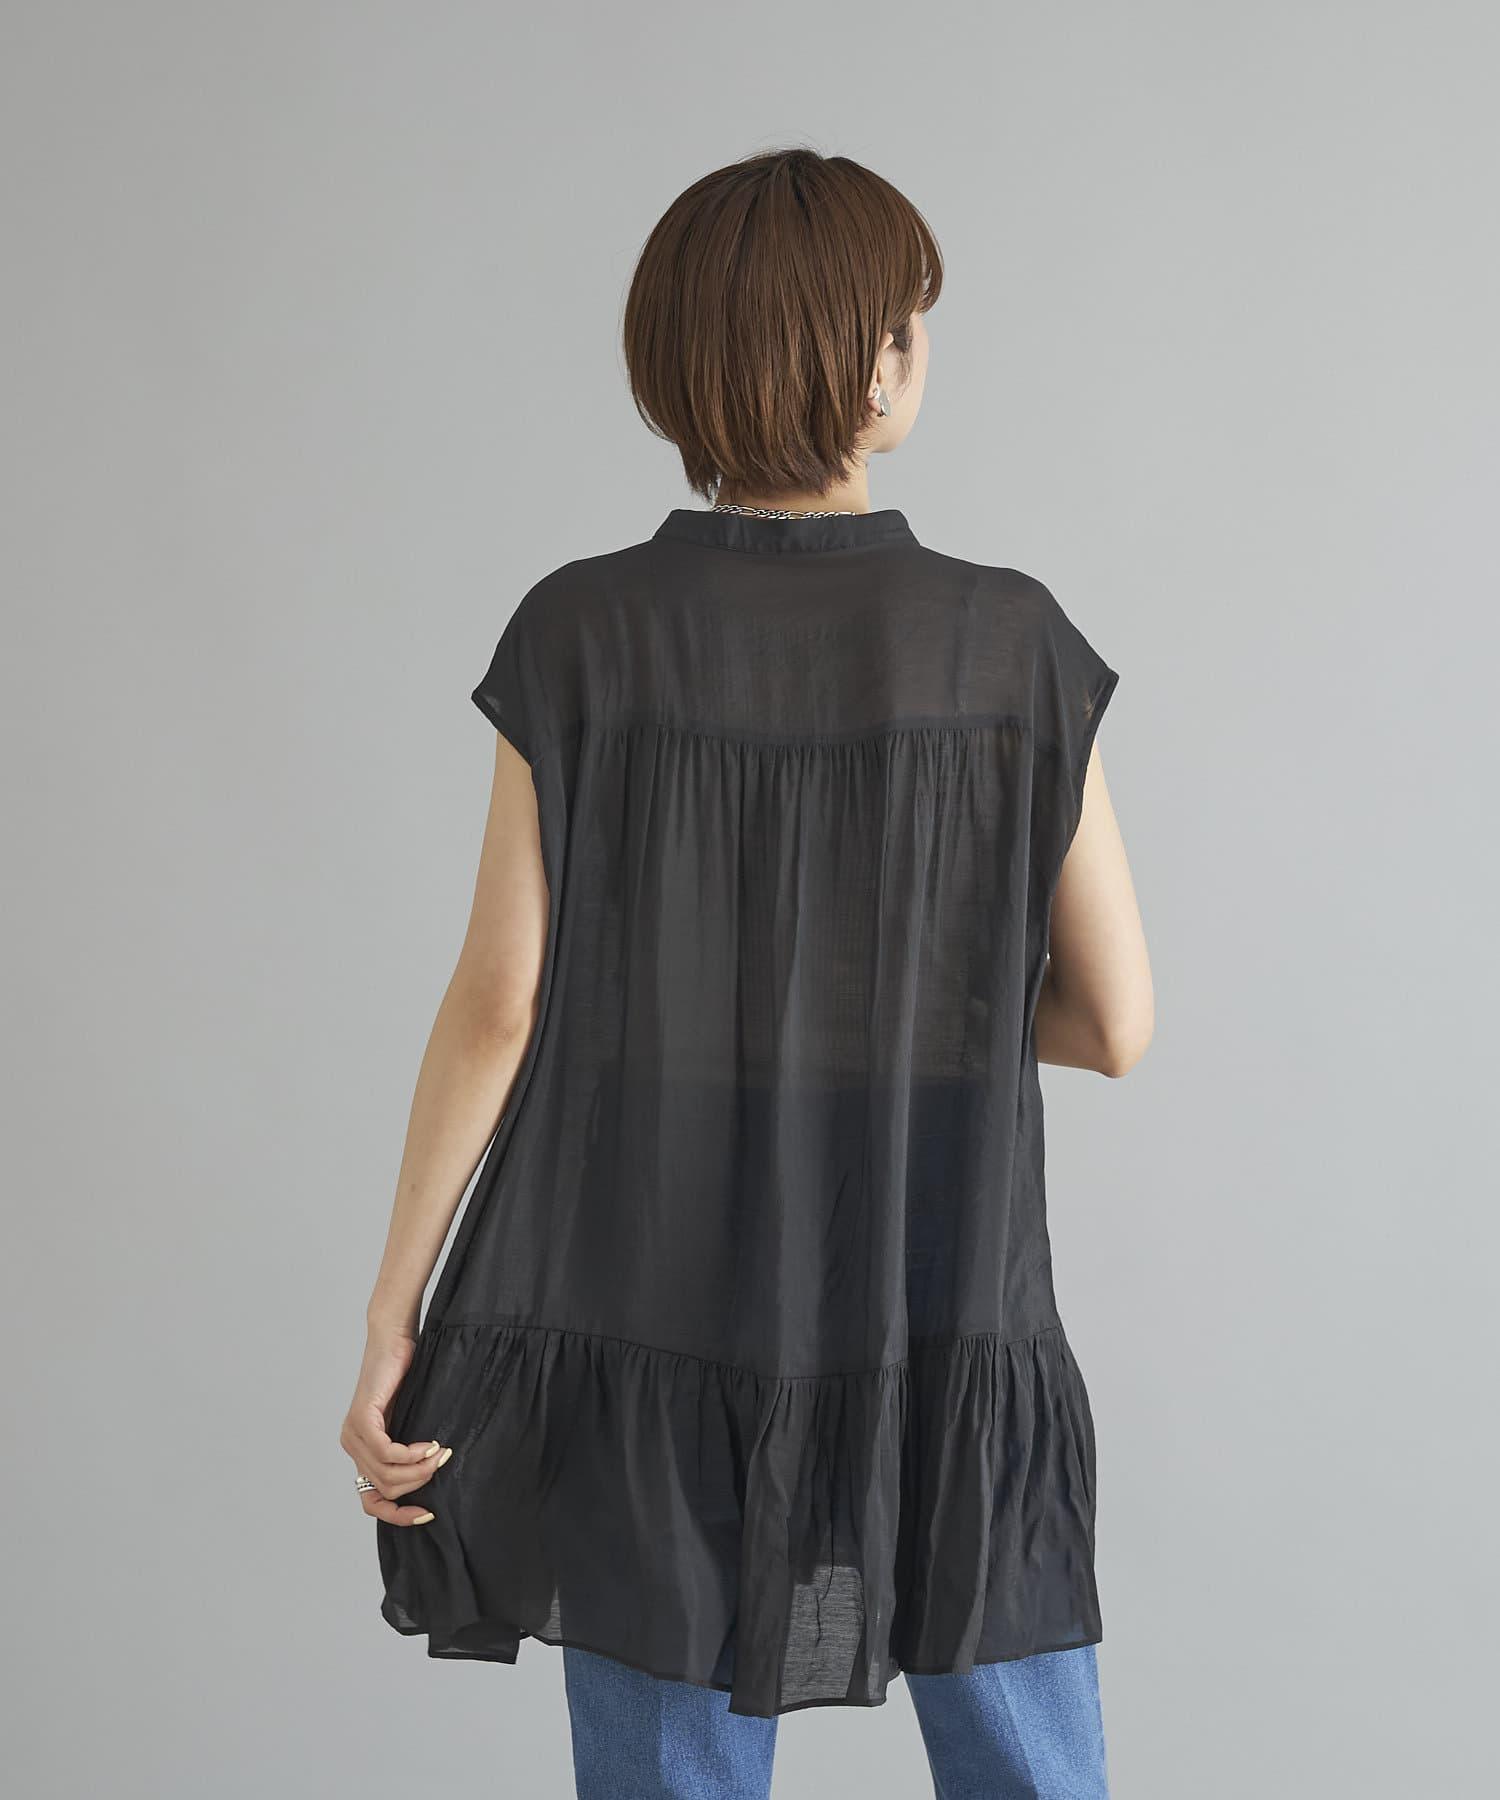 DOUDOU(ドゥドゥ) 【WEB限定】裾フリルフレンチブラウス